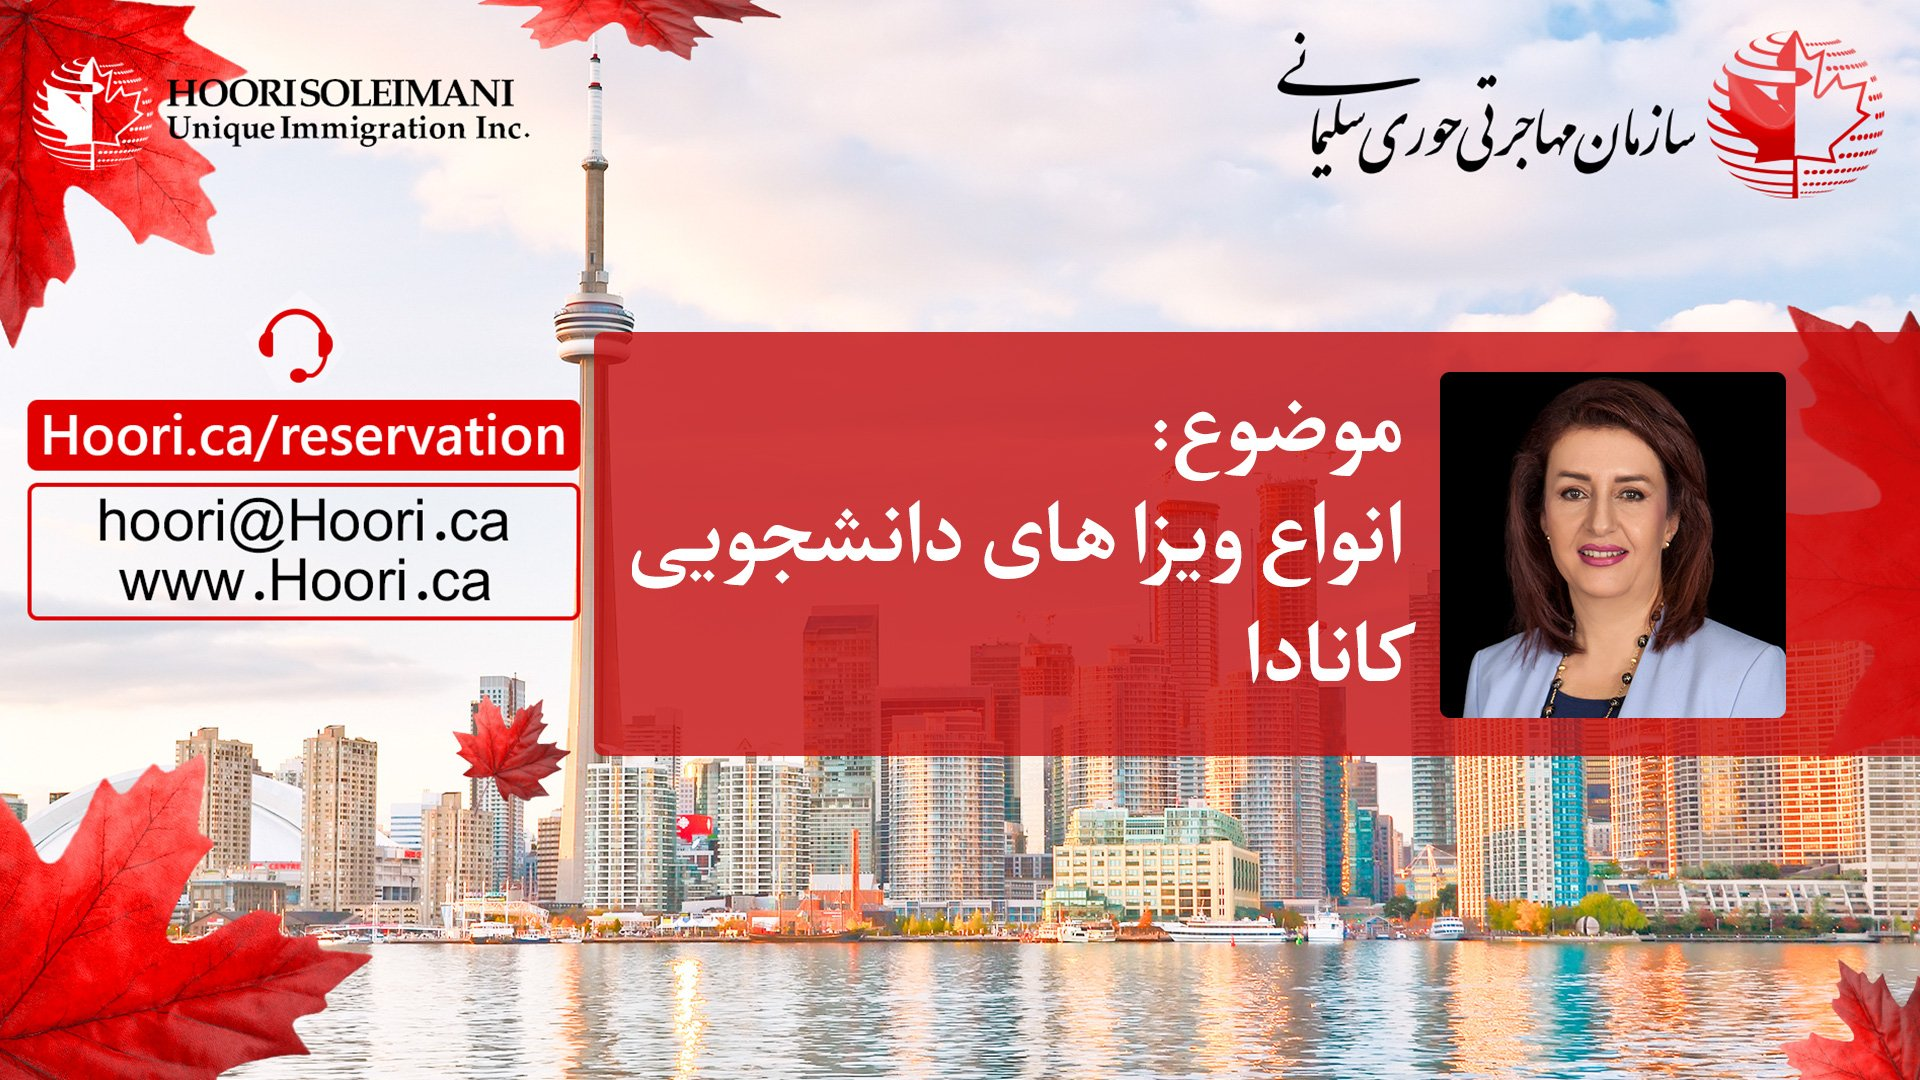 ویزای های تحصیلی و ویزای دانشجویی کانادا